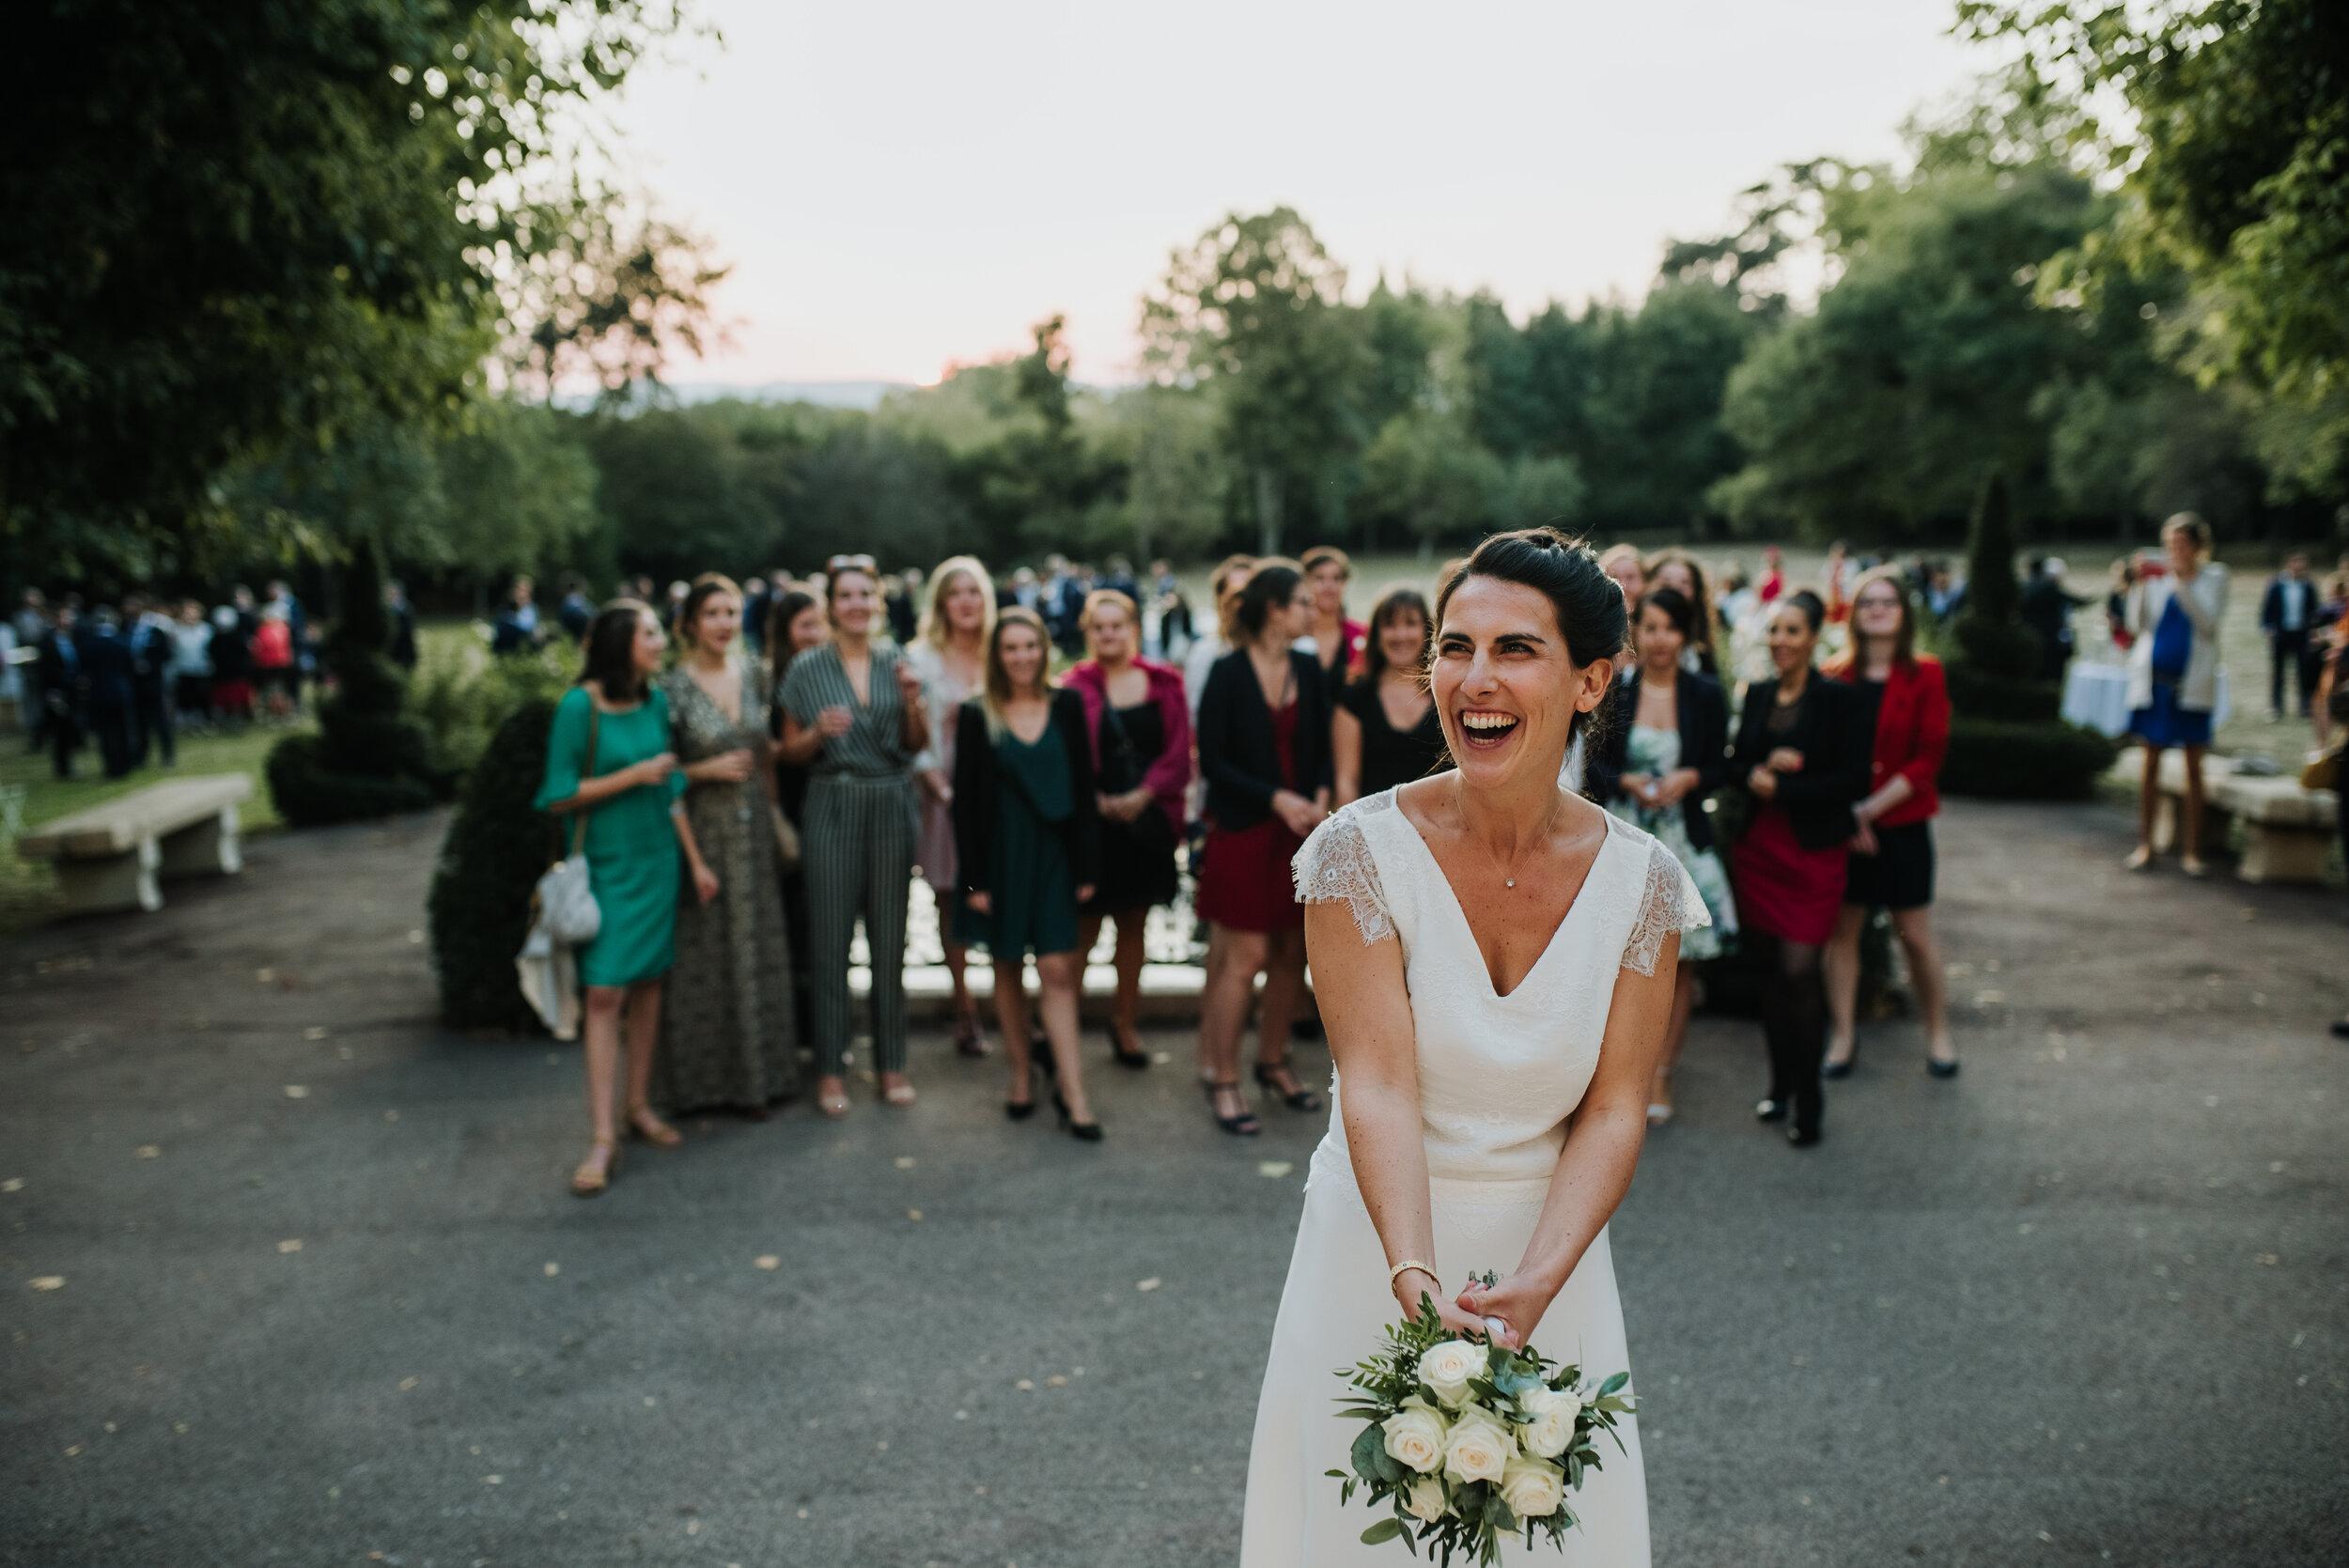 Léa-Fery-photographe-professionnel-Bretagne-portrait-creation-mariage-evenement-evenementiel-famille-.jpg